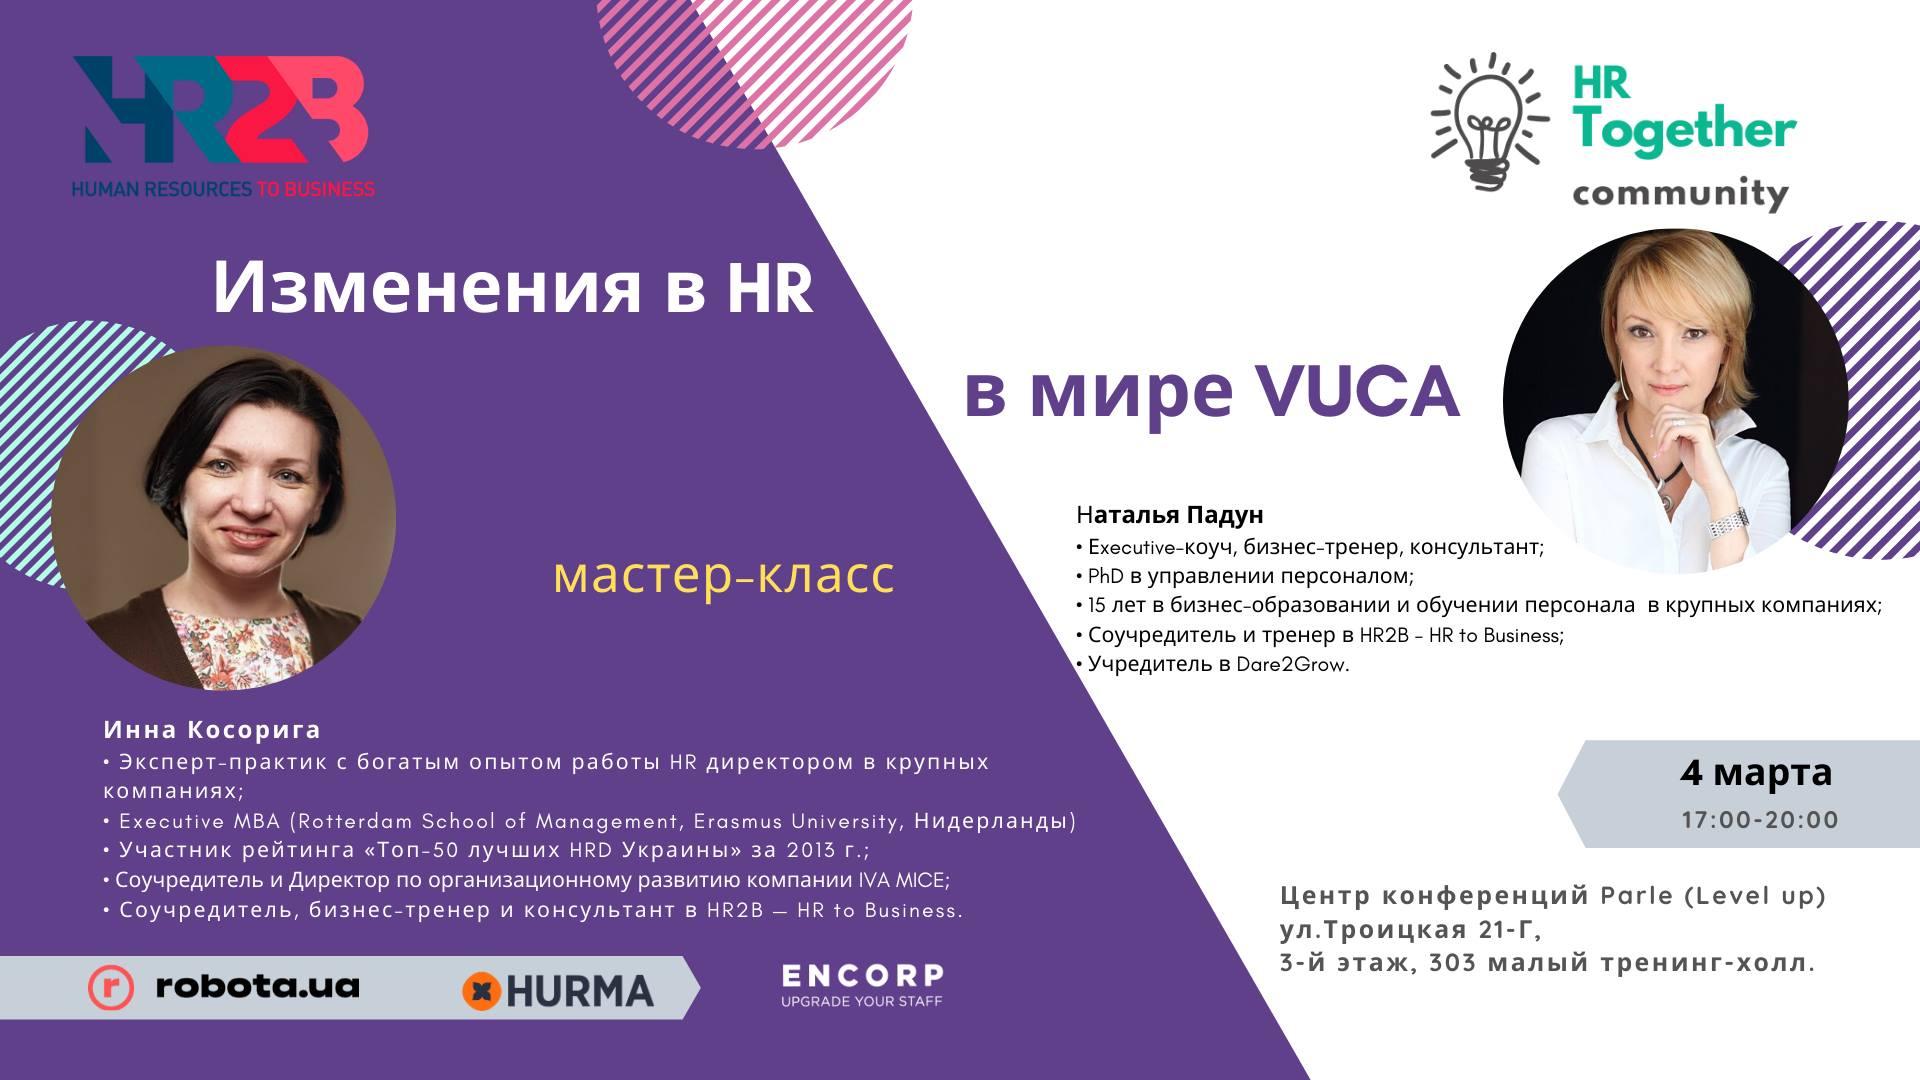 изменения-в-hr-в-мире-vuca---мастер-класс-в-днепре